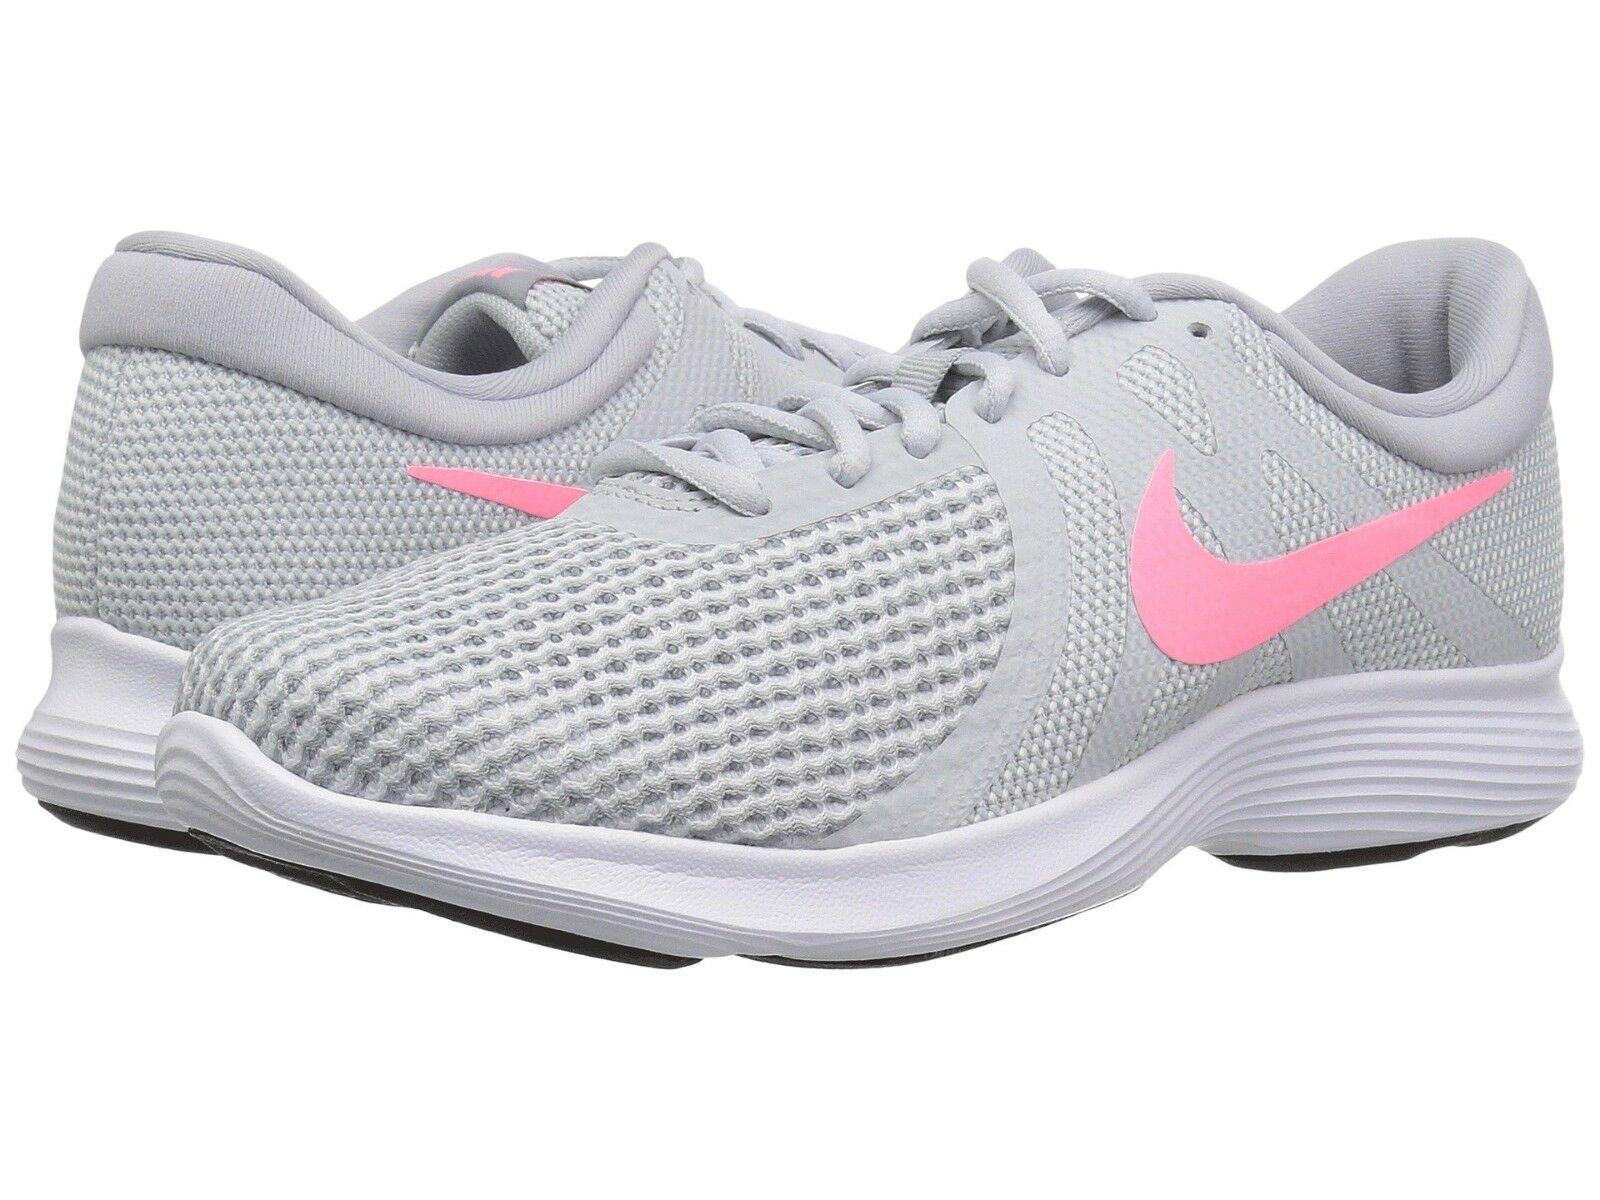 Para mujer Zapatillas Nike Platino gris rosado rosado rosado Revolución nuevo para mujer Talla 9 1 2  descuentos y mas